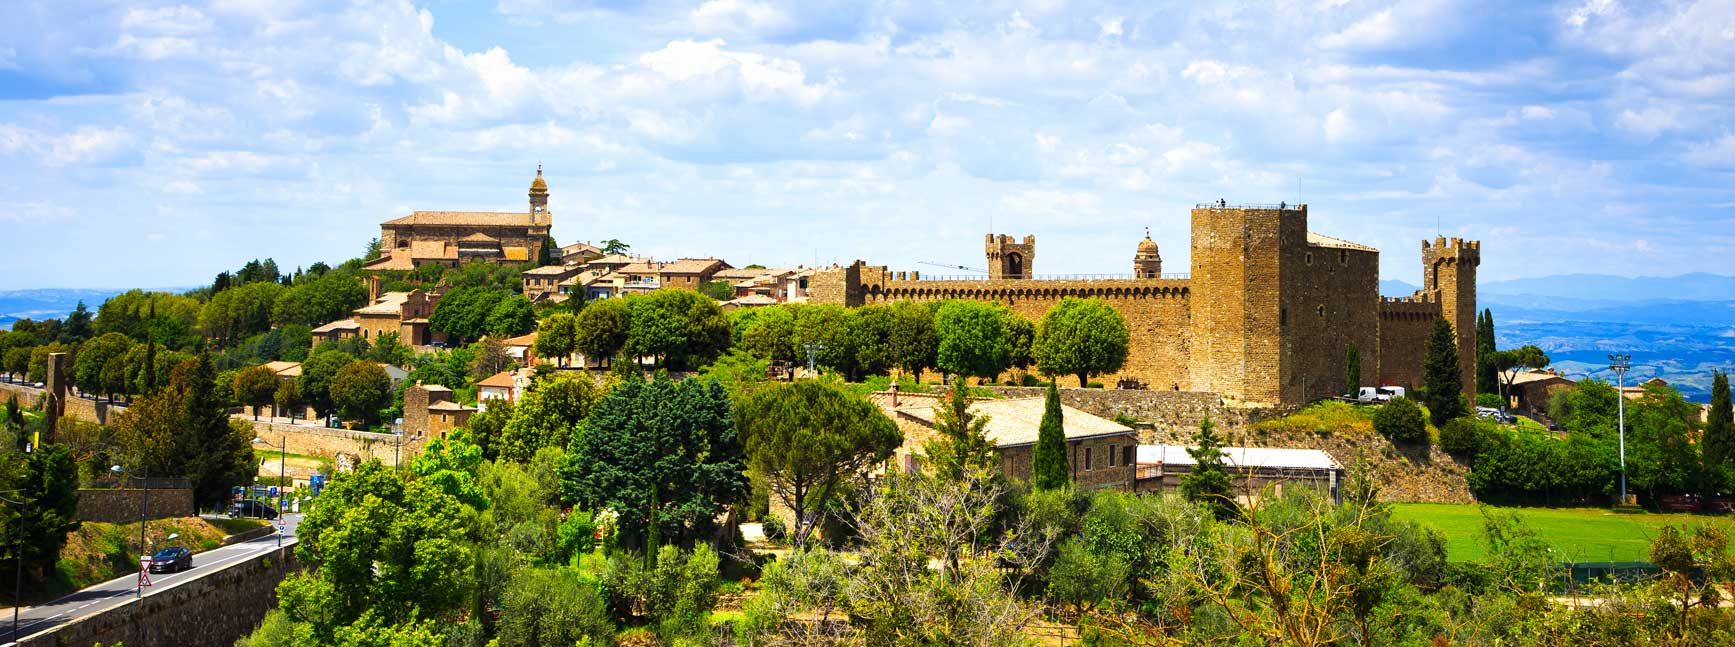 vista sul castello di Montalcini